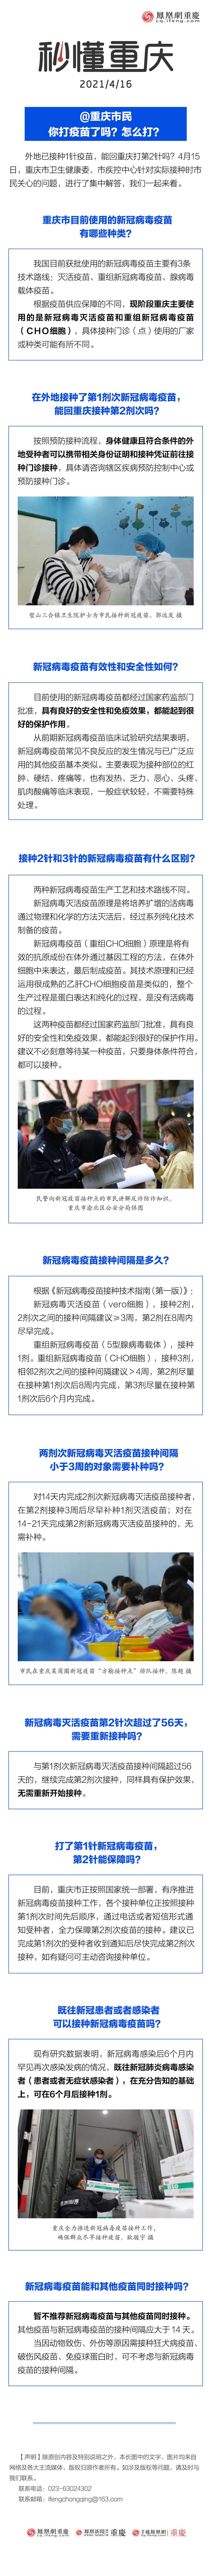 秒懂重庆 | @重庆市民 你打疫苗了吗?怎么打?